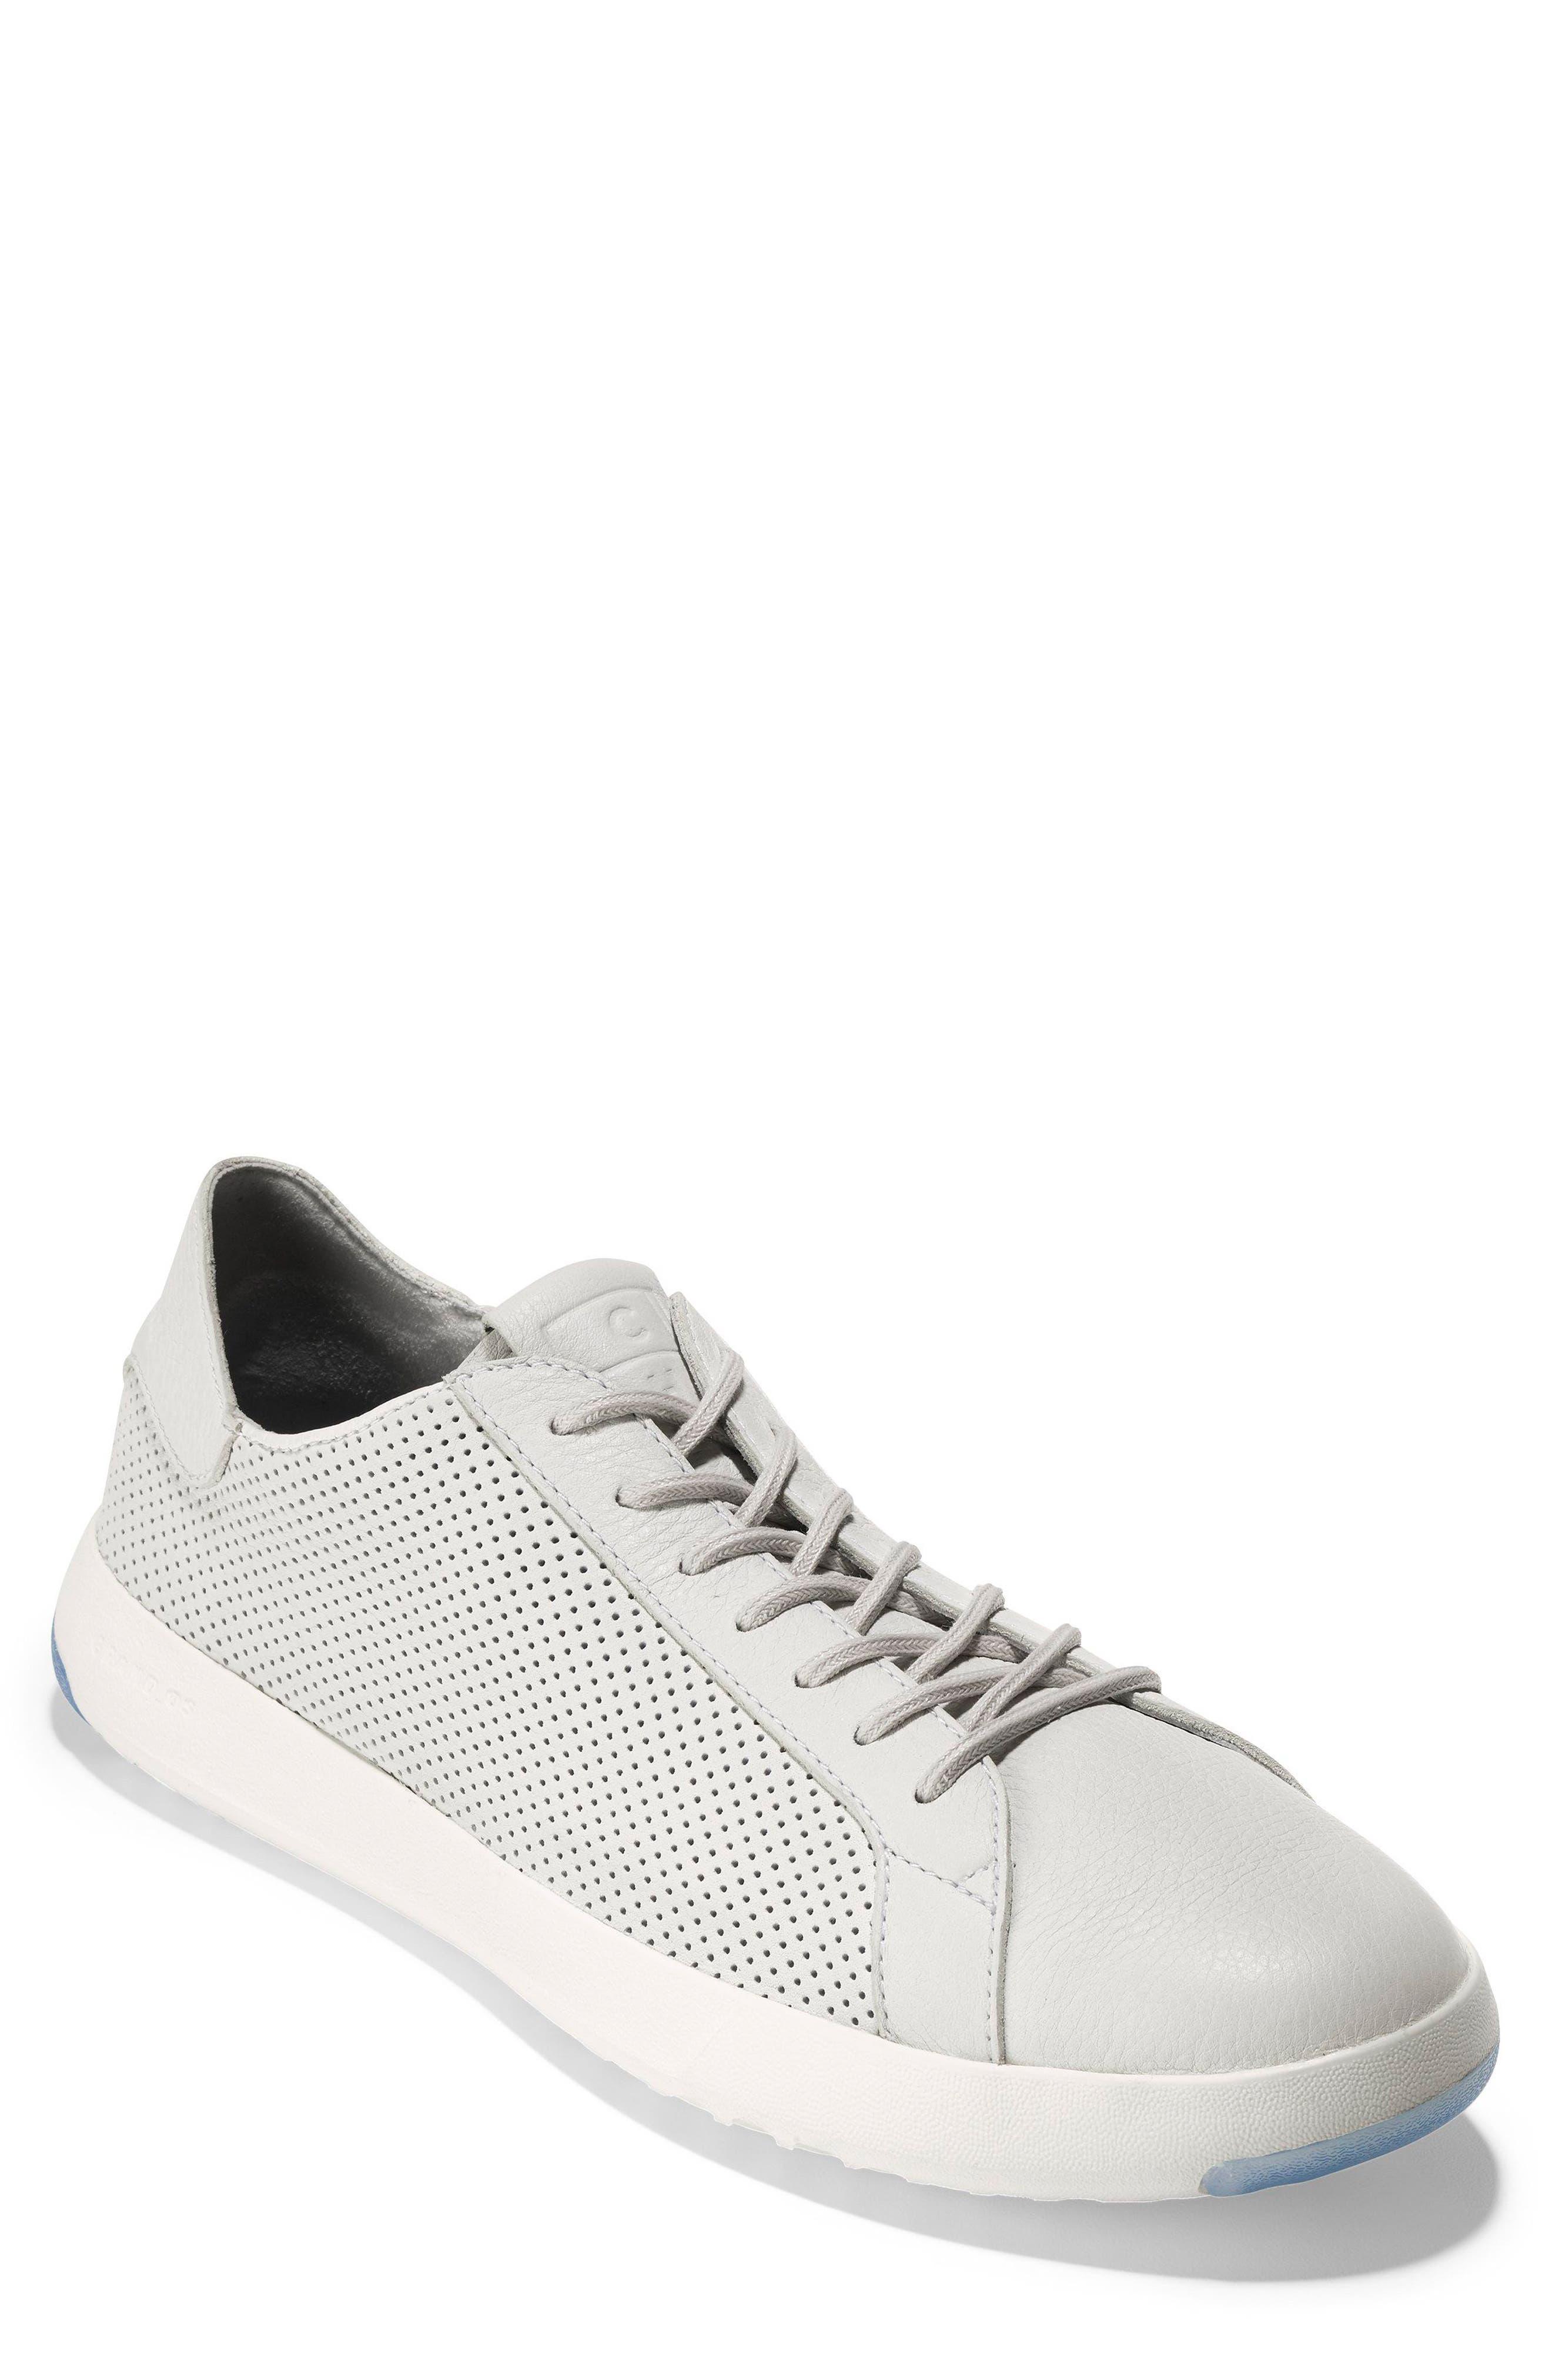 Cole Haan GrandPrø Deconstructed Low Top Sneaker (Men)